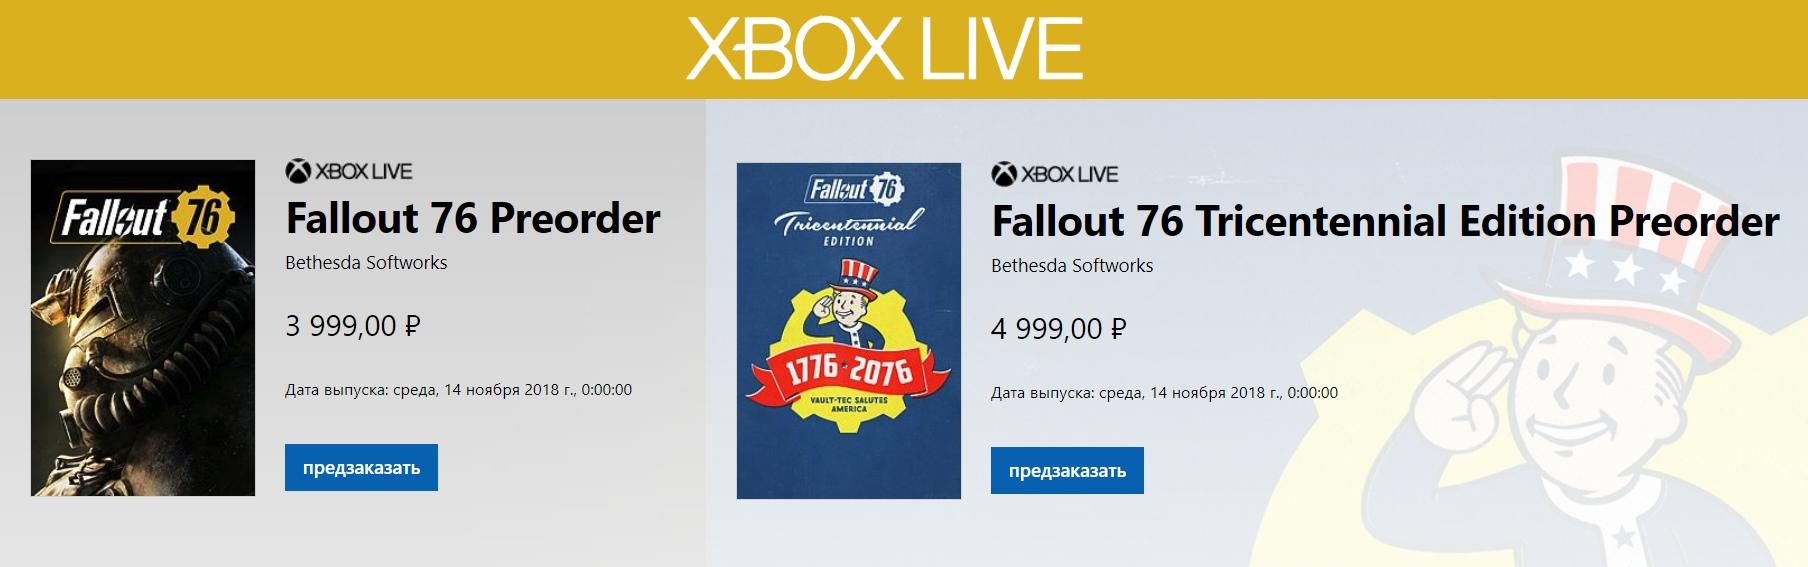 Стартовал предзаказ Fallout76 на Xbox